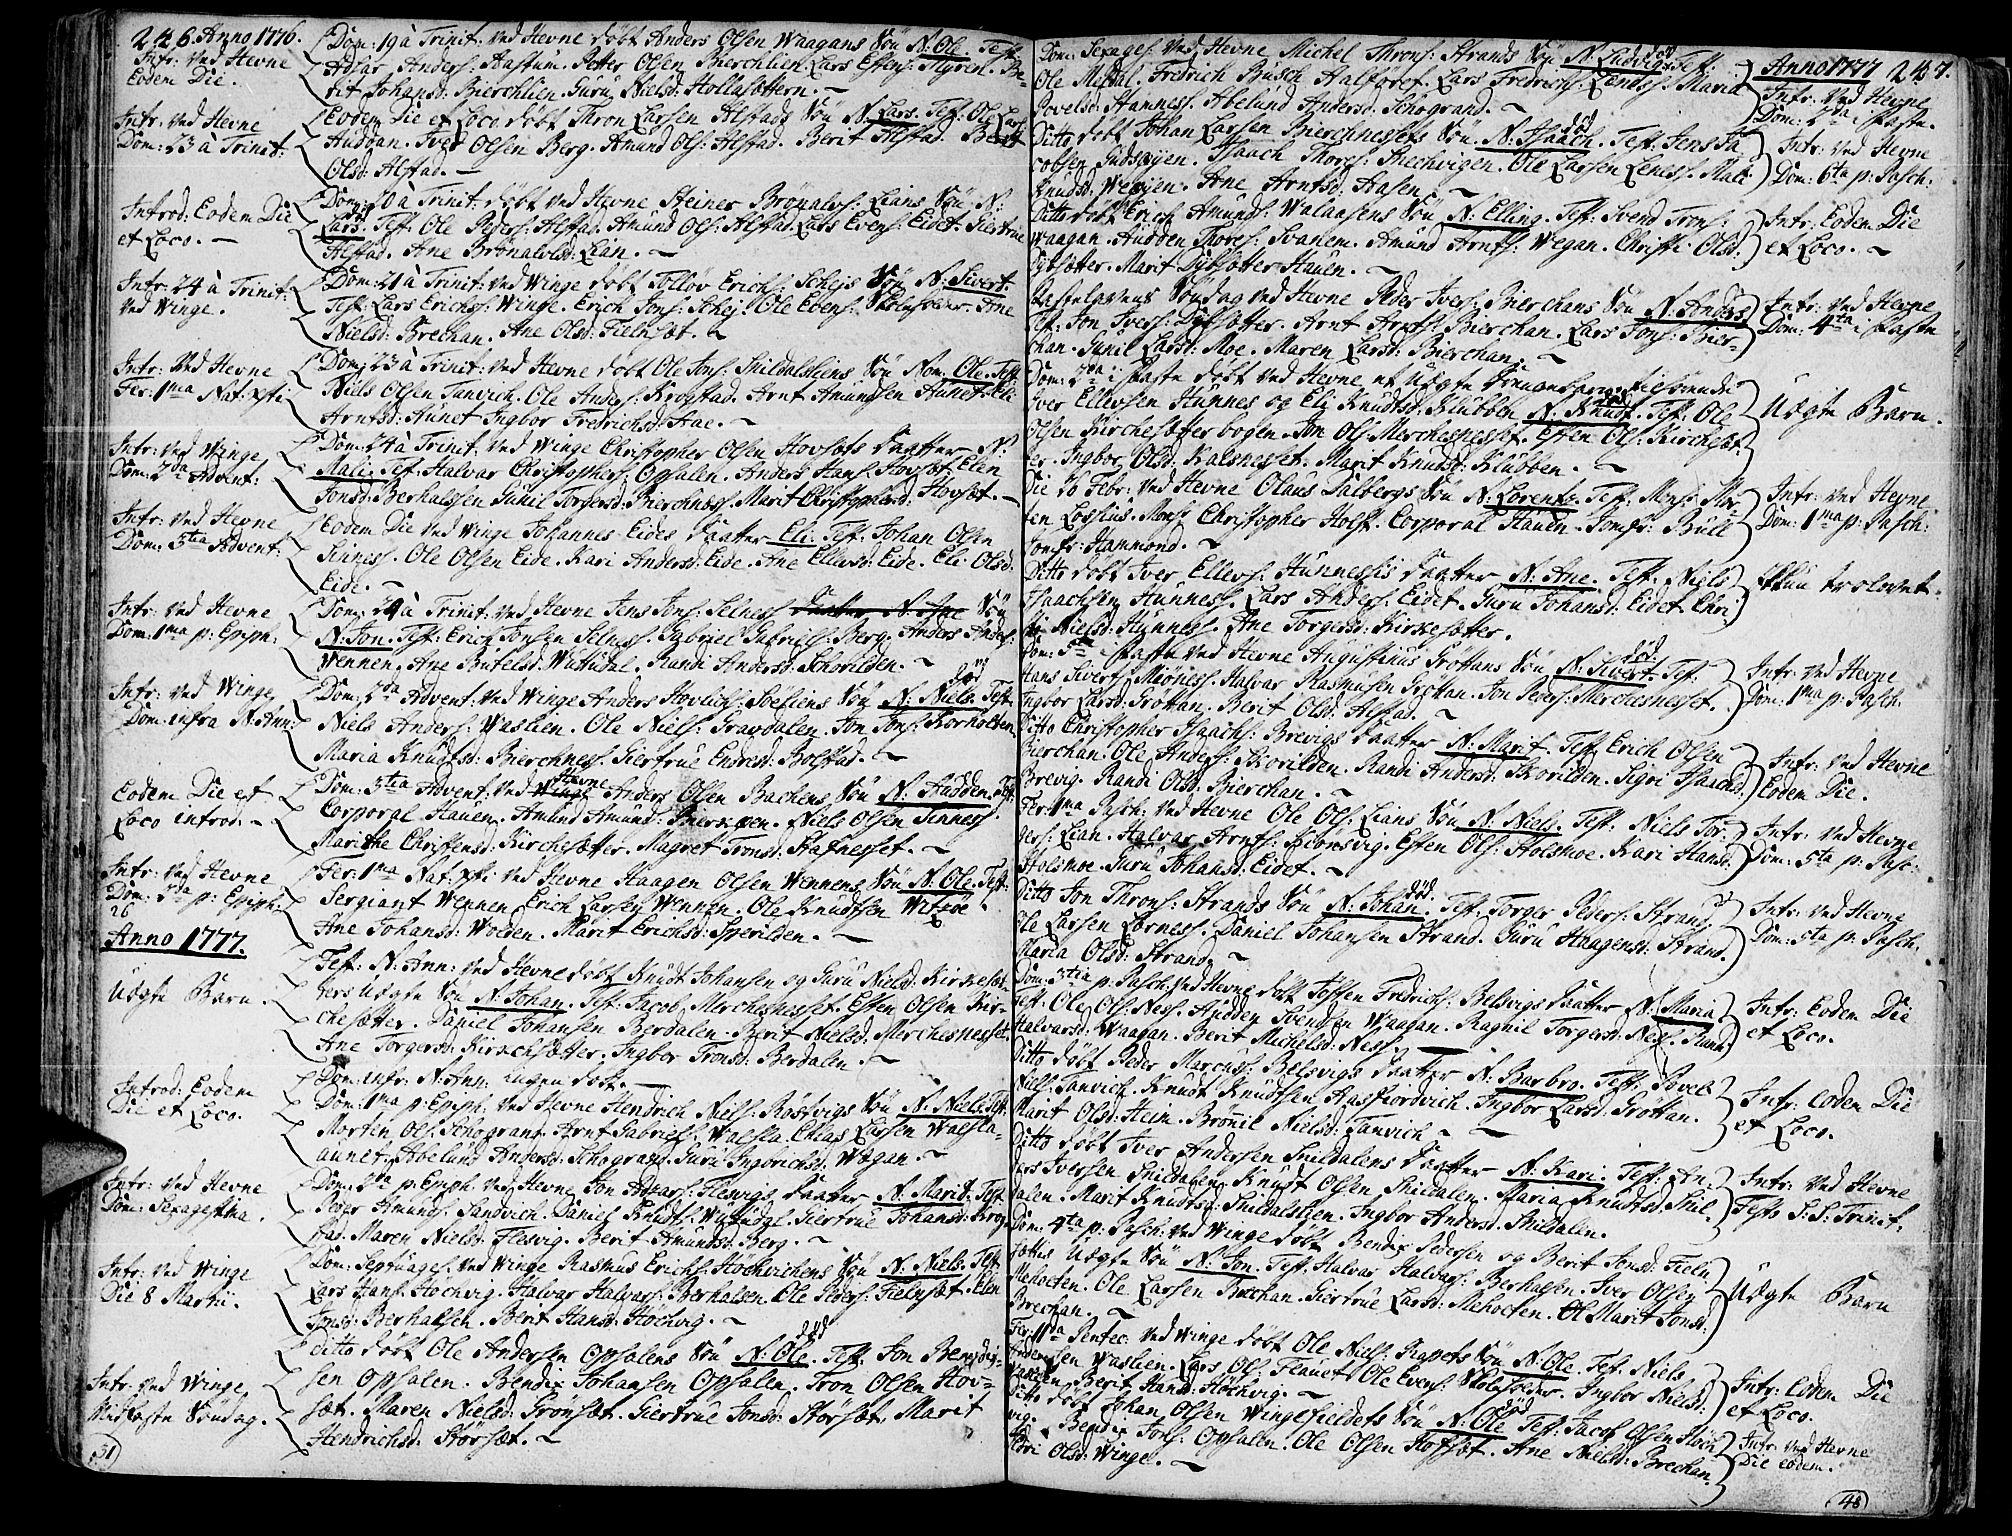 SAT, Ministerialprotokoller, klokkerbøker og fødselsregistre - Sør-Trøndelag, 630/L0489: Ministerialbok nr. 630A02, 1757-1794, s. 246-247